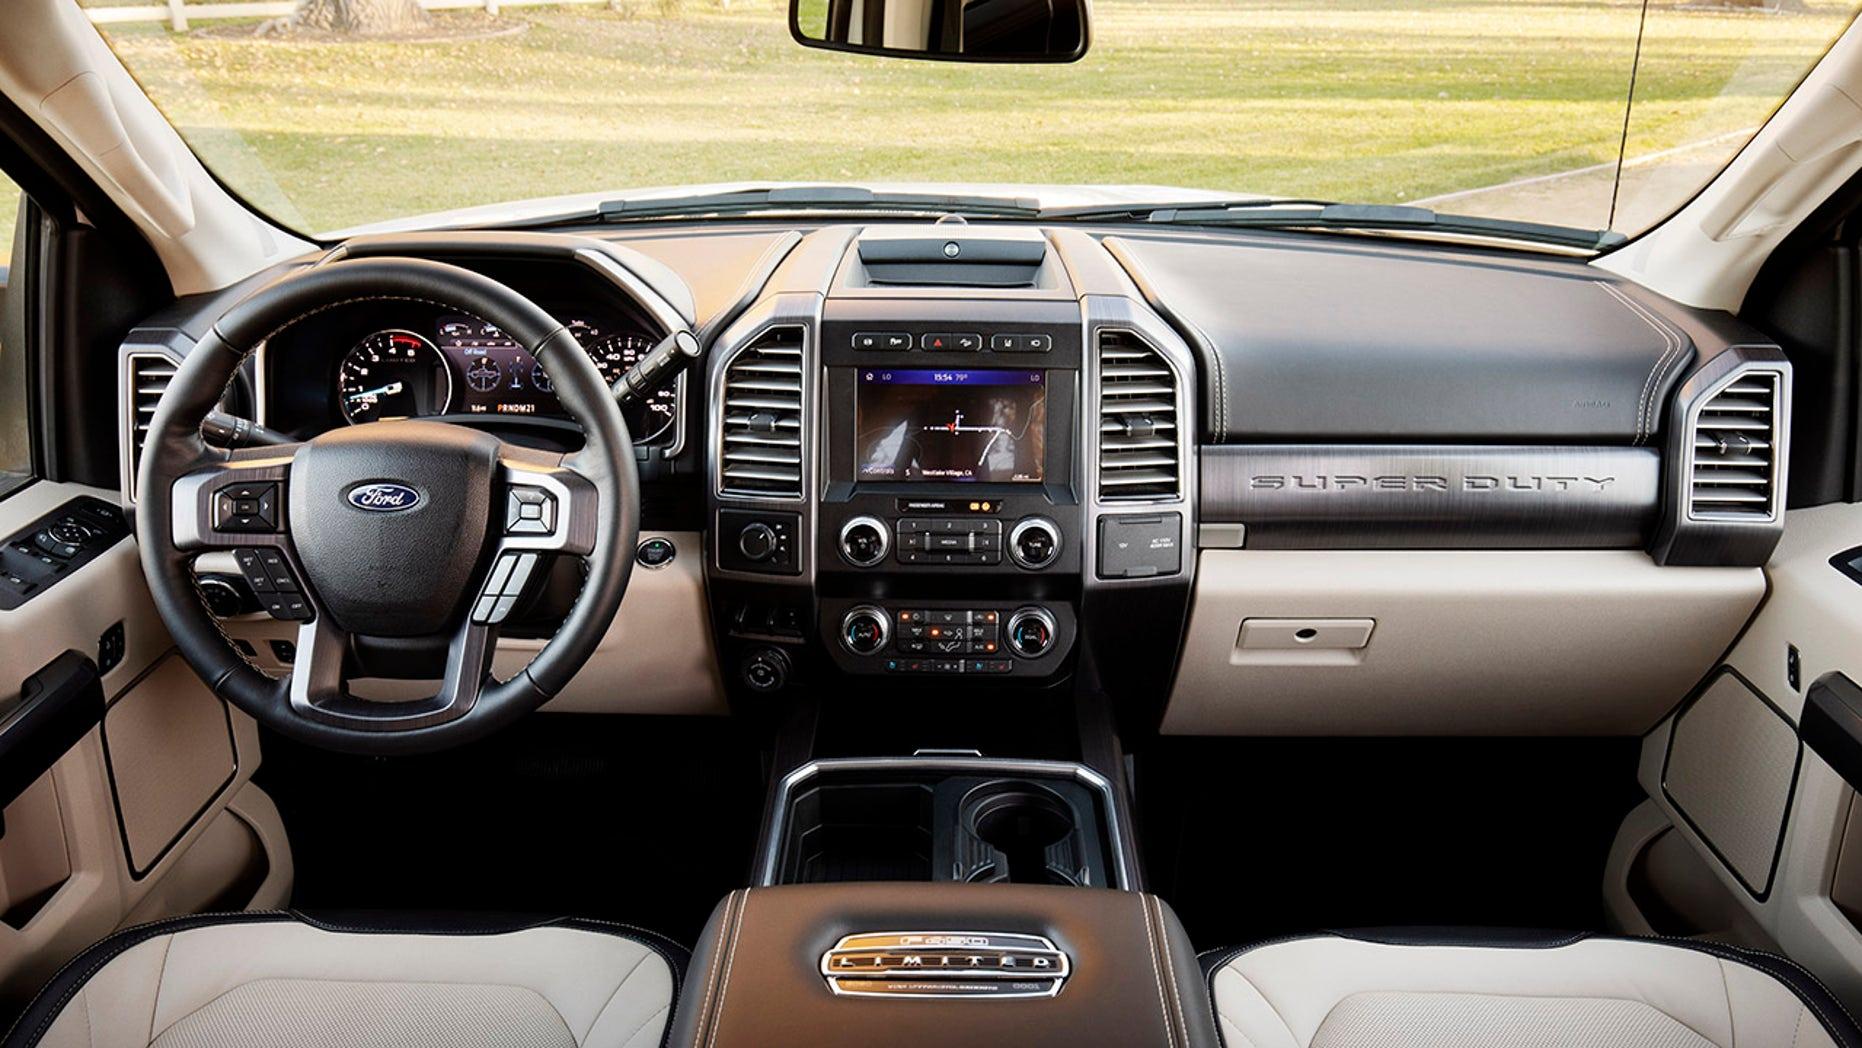 2020 Ford F-Series Super Duty interior